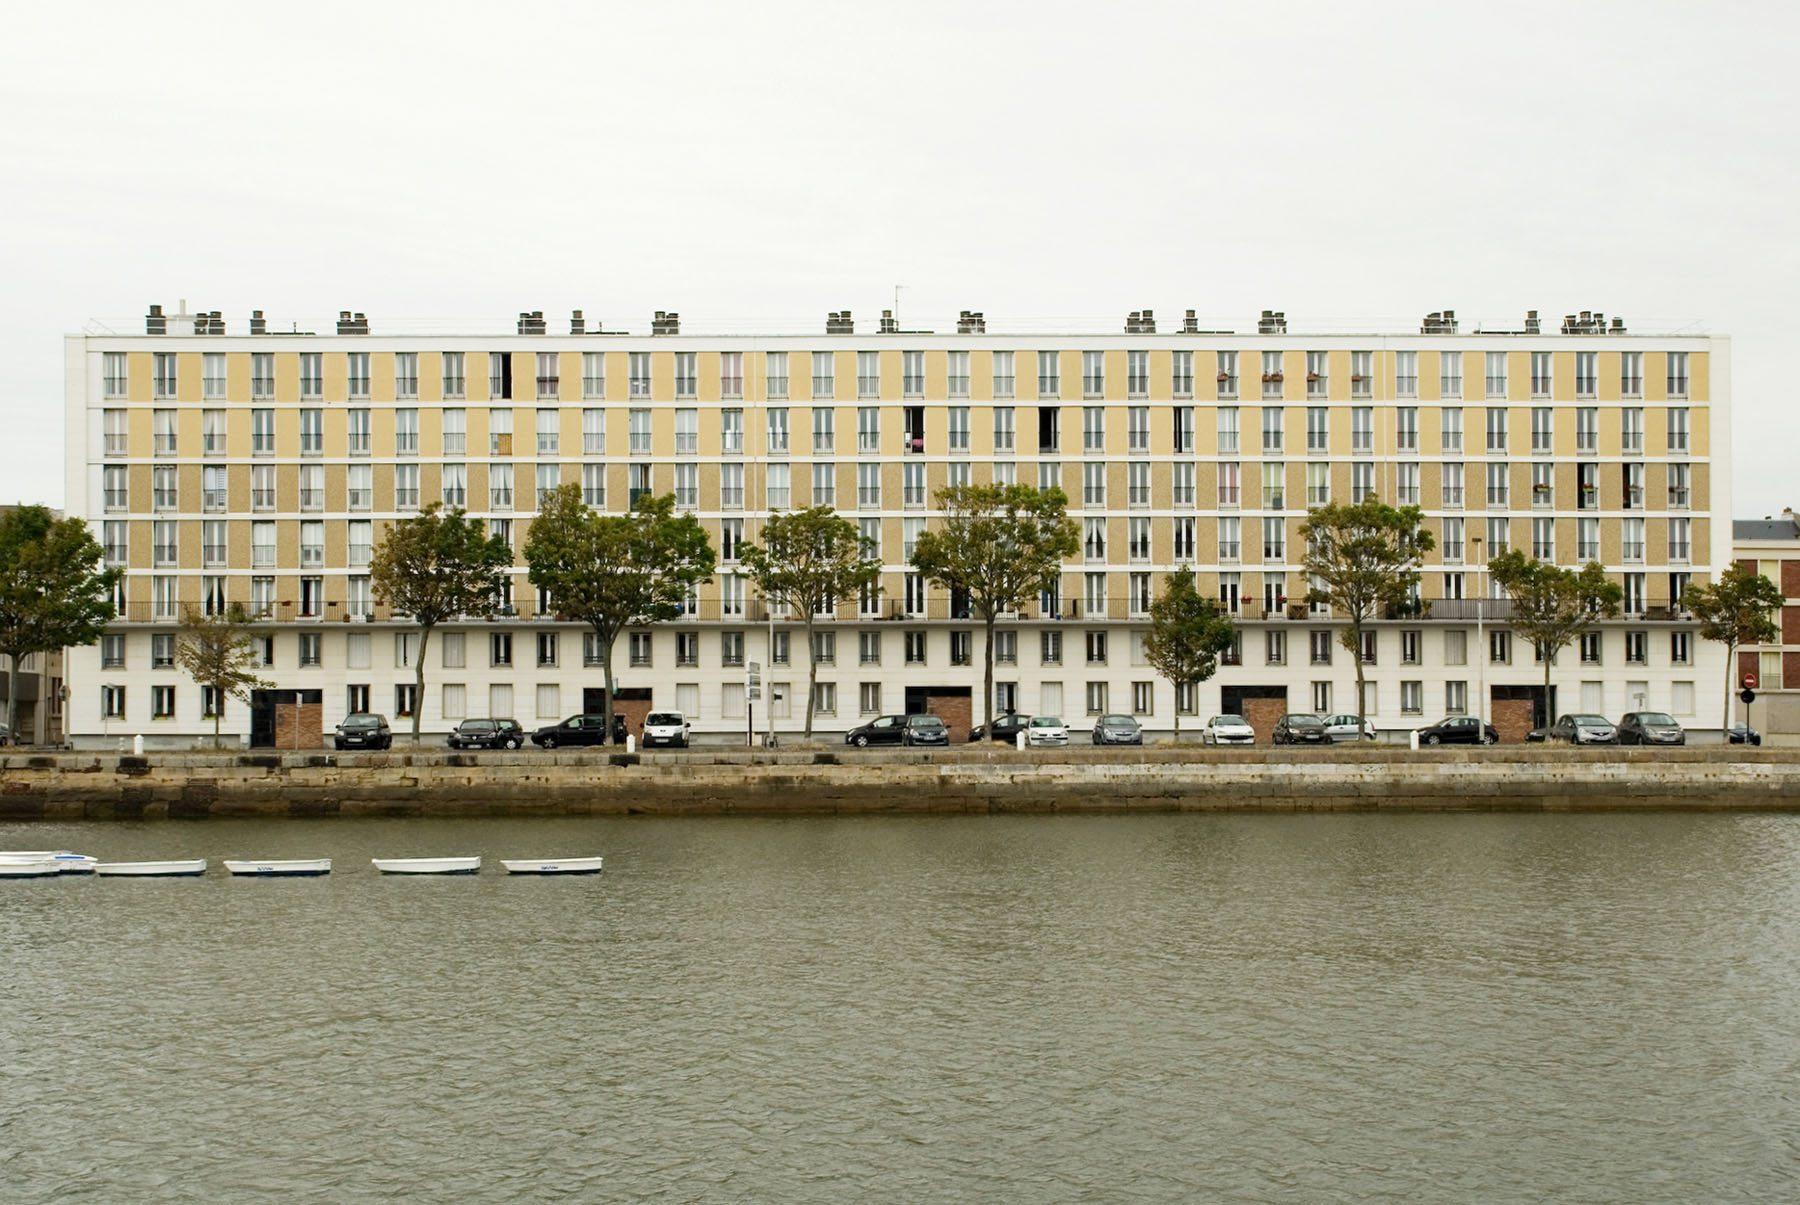 Die Wohninseln. Der Geschossaufbau sollte immer aus Erdgeschoss, Zwischengeschoss und Noble Etage bestehen.